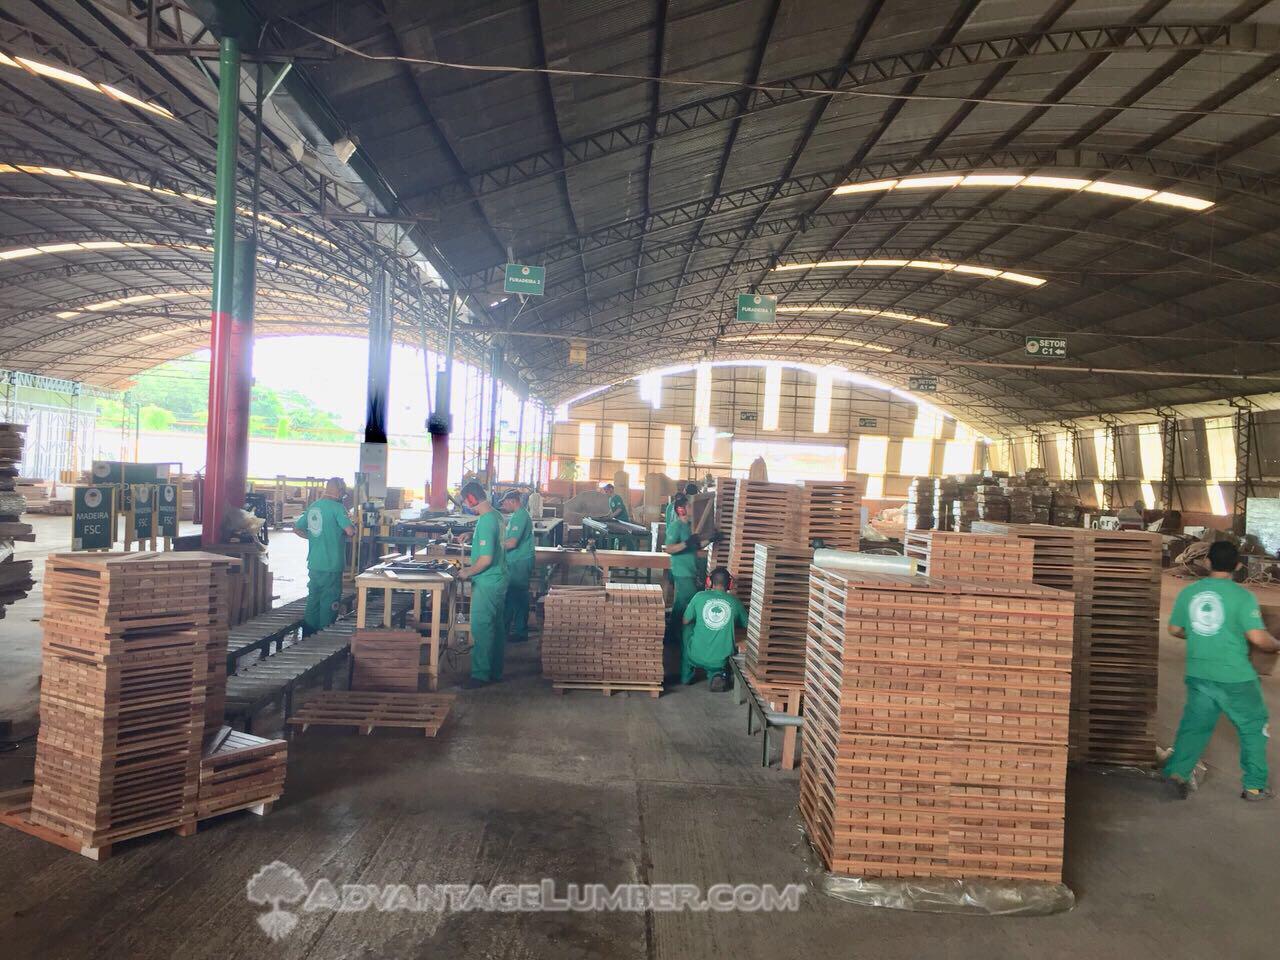 12 inch x 12 inch wholesale Deck Tile production